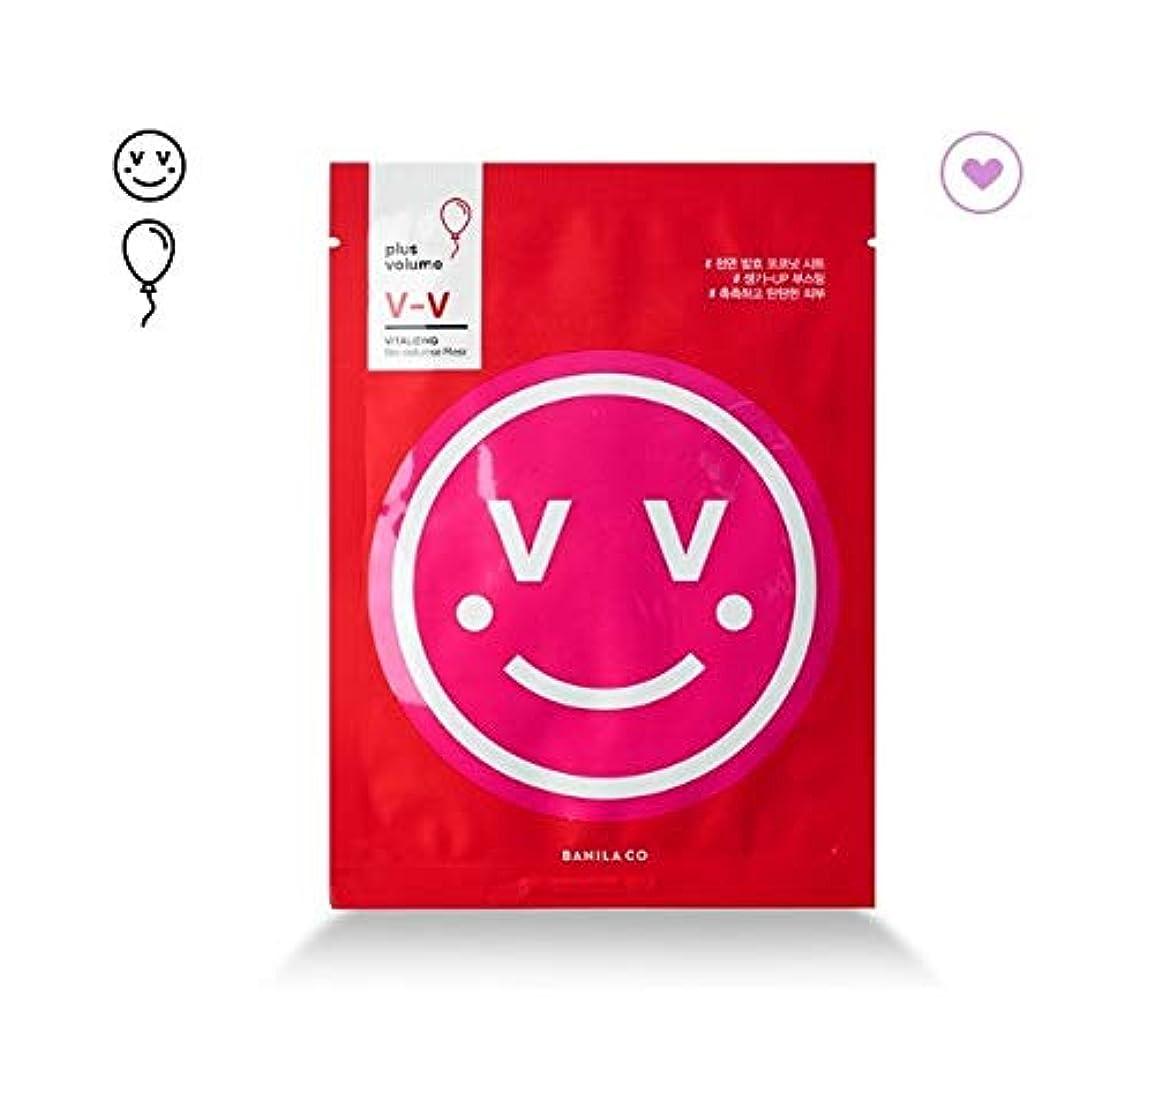 麻酔薬ターゲット蒸発banilaco V-V Vitalizing Bioセルロースマスク/V-V Vitalizing Bio Cellulose Mask 25ml [並行輸入品]